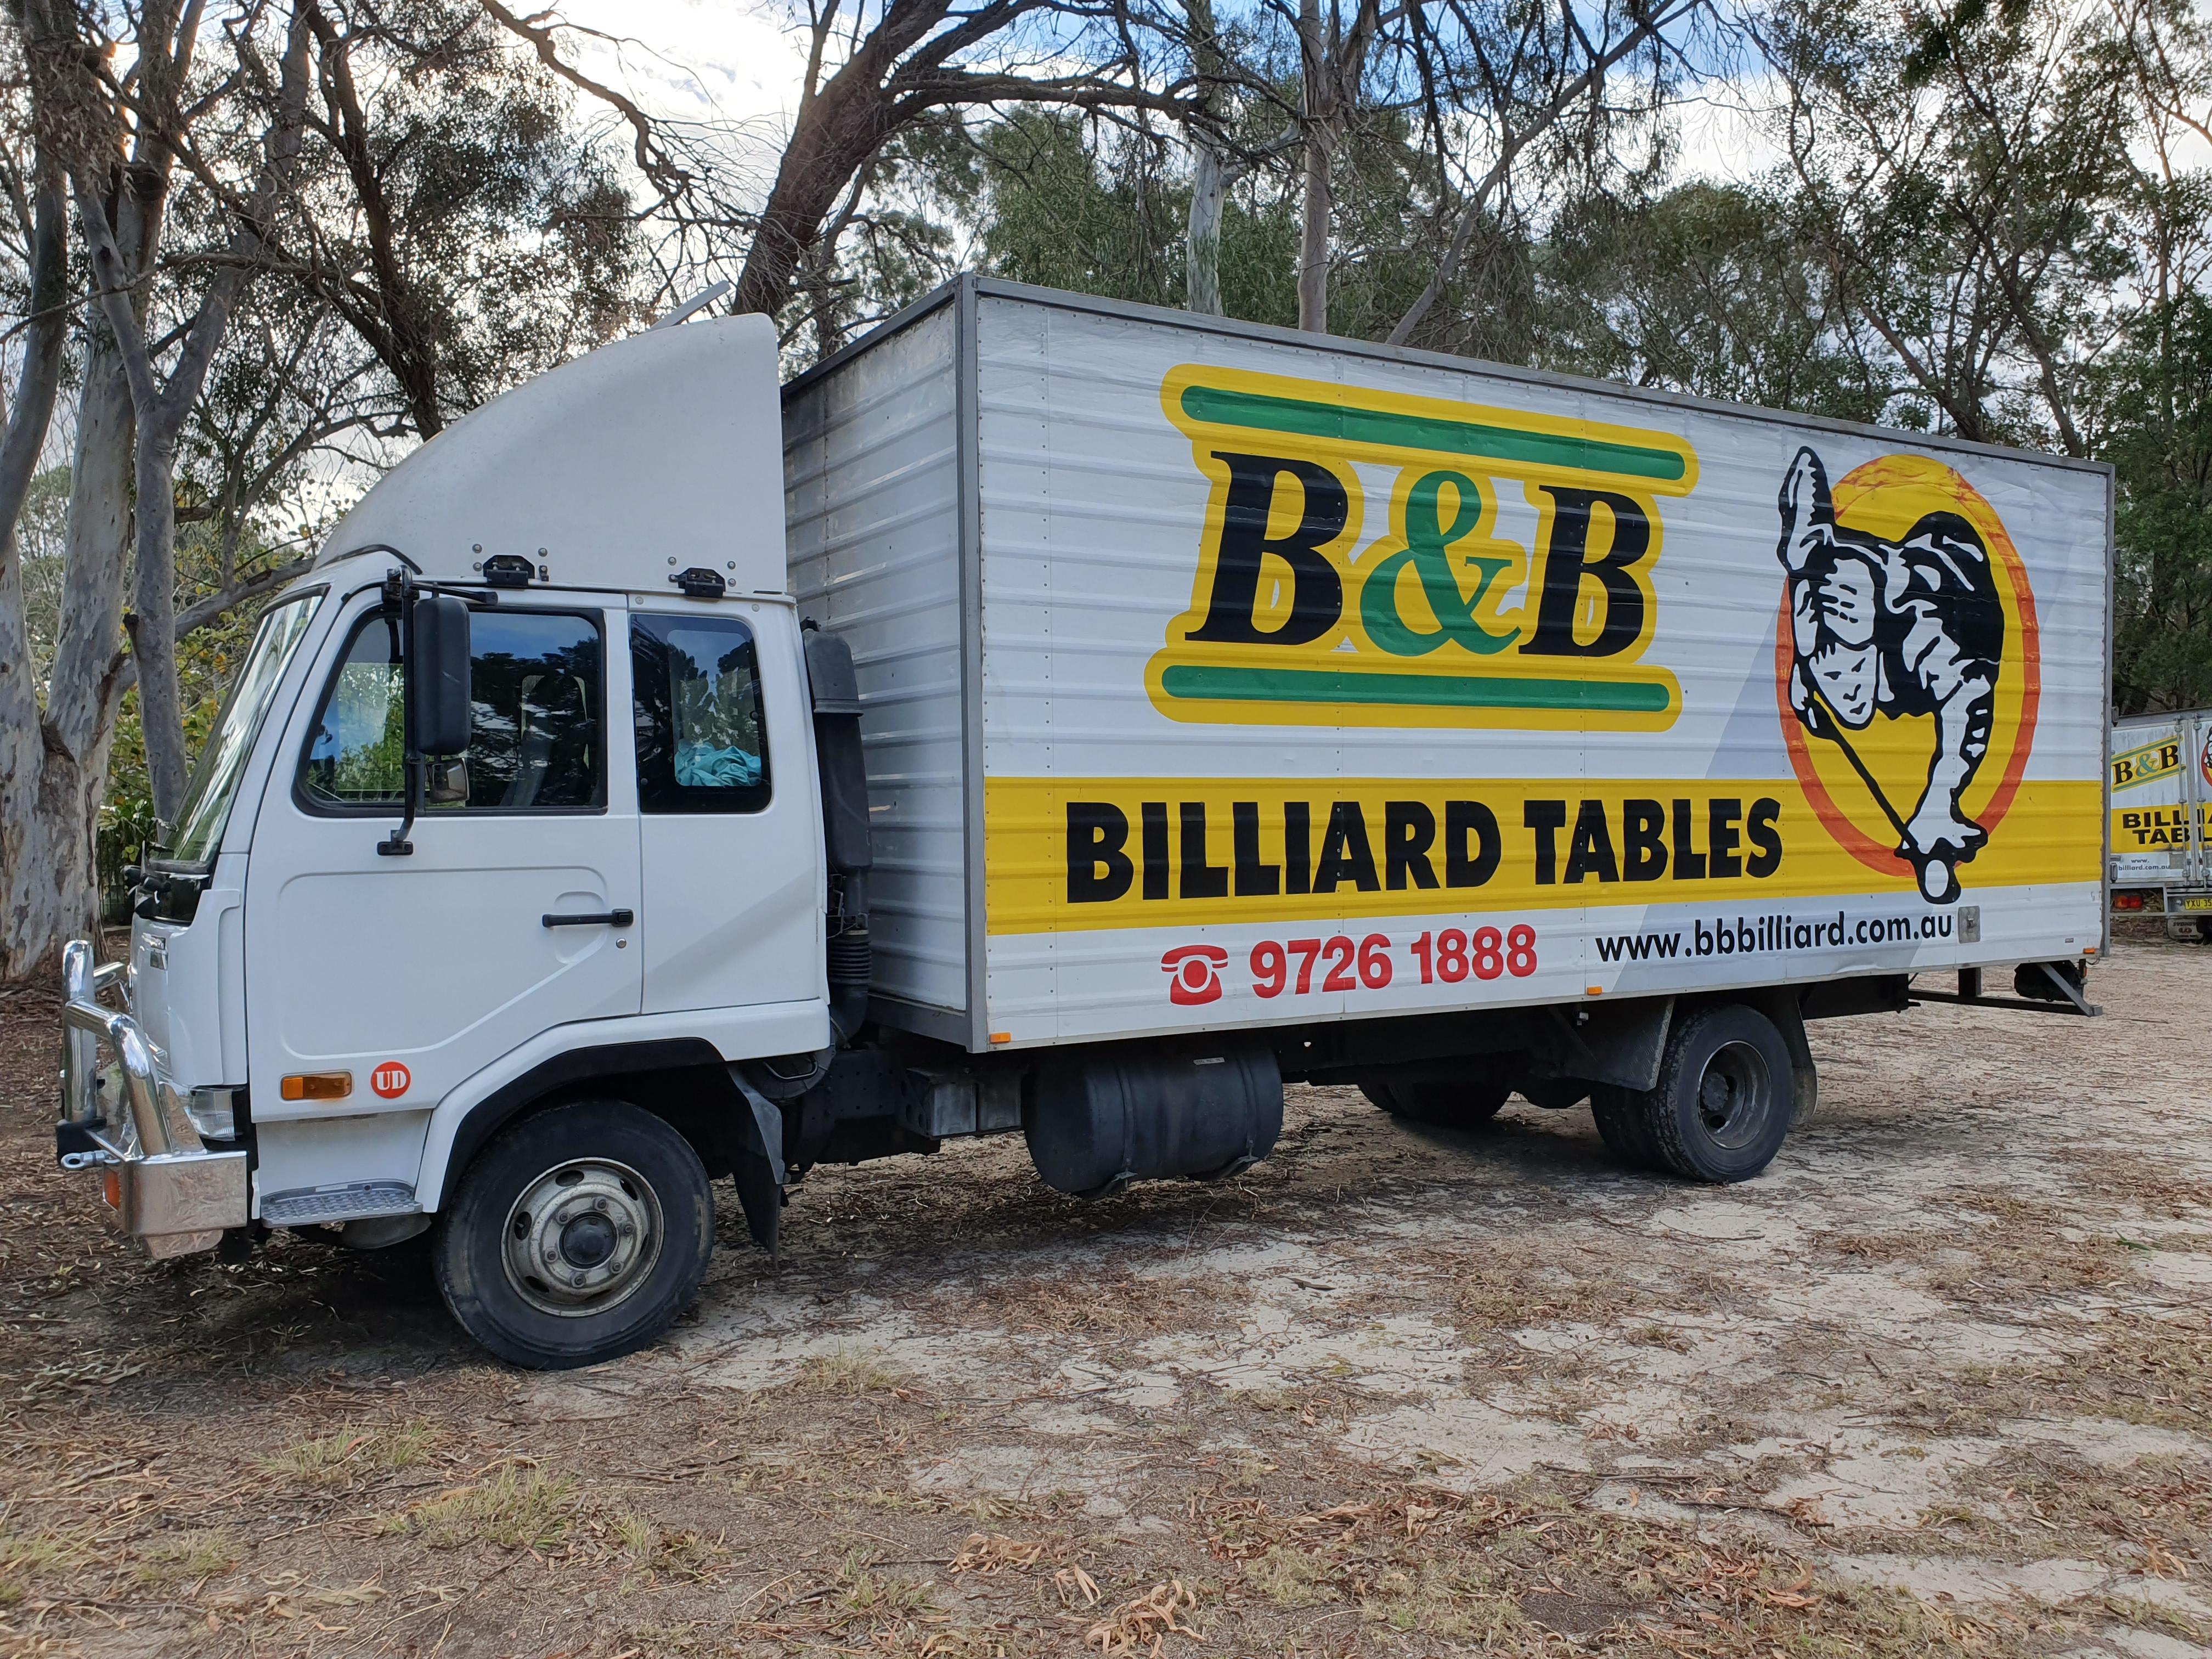 B&B Billiard Tables Truck